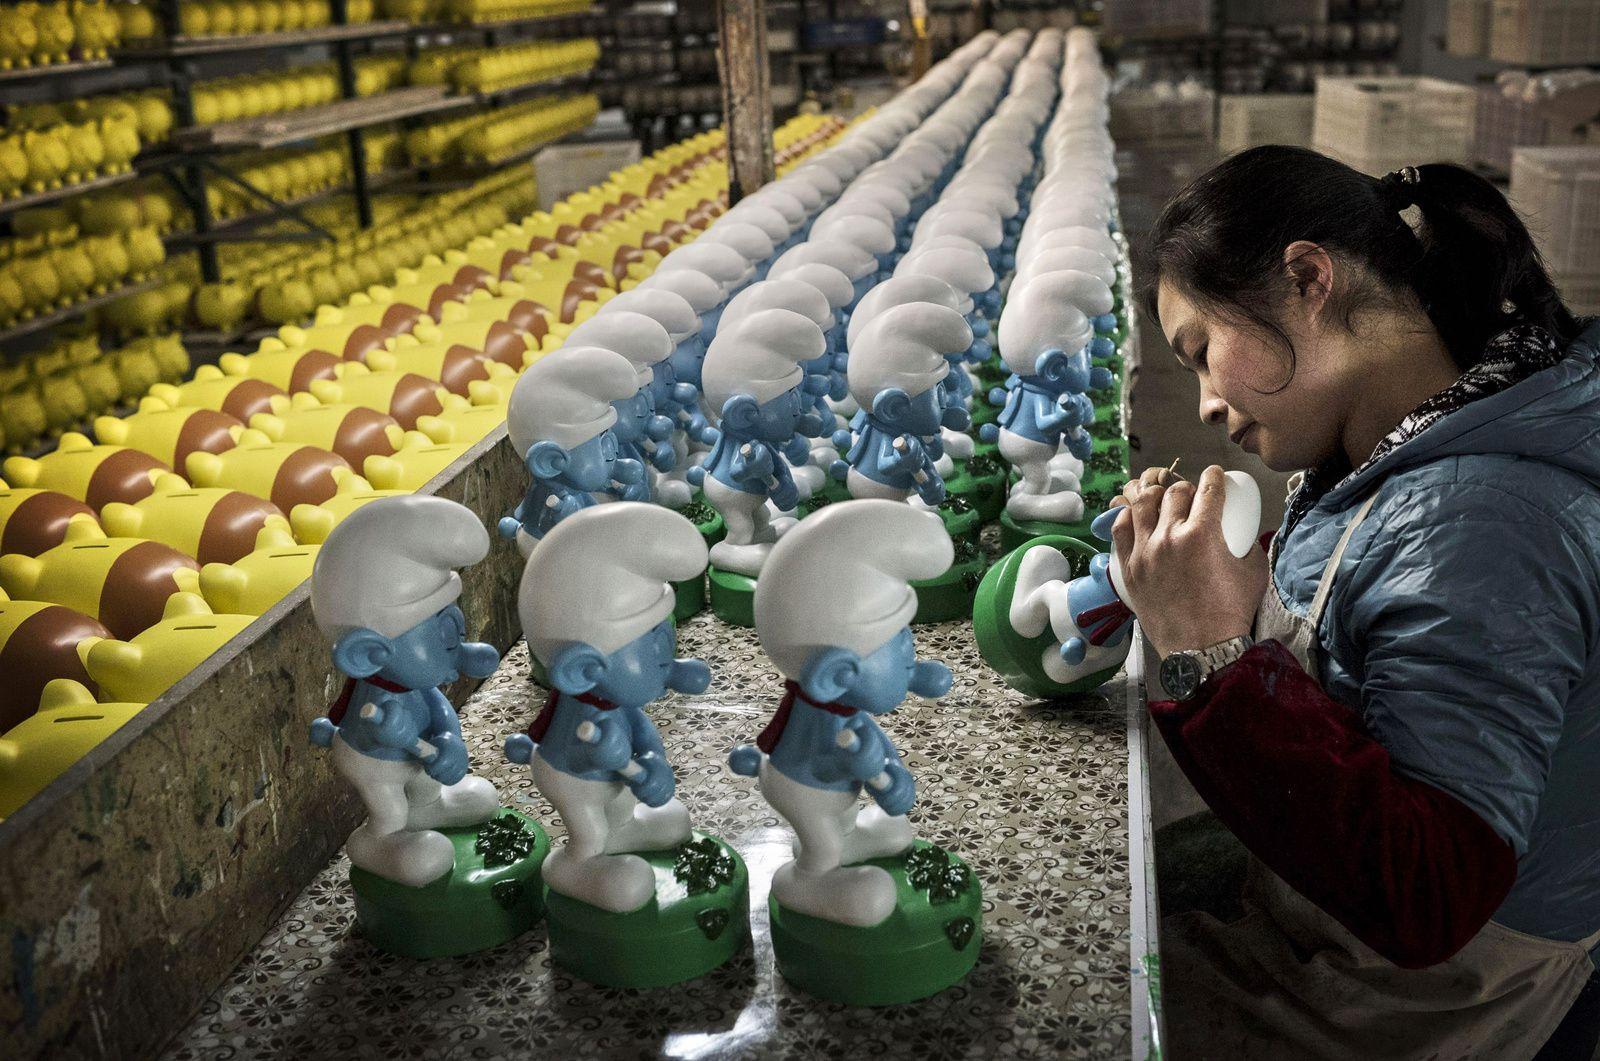 Comment éviter les arnaques sur Alibaba